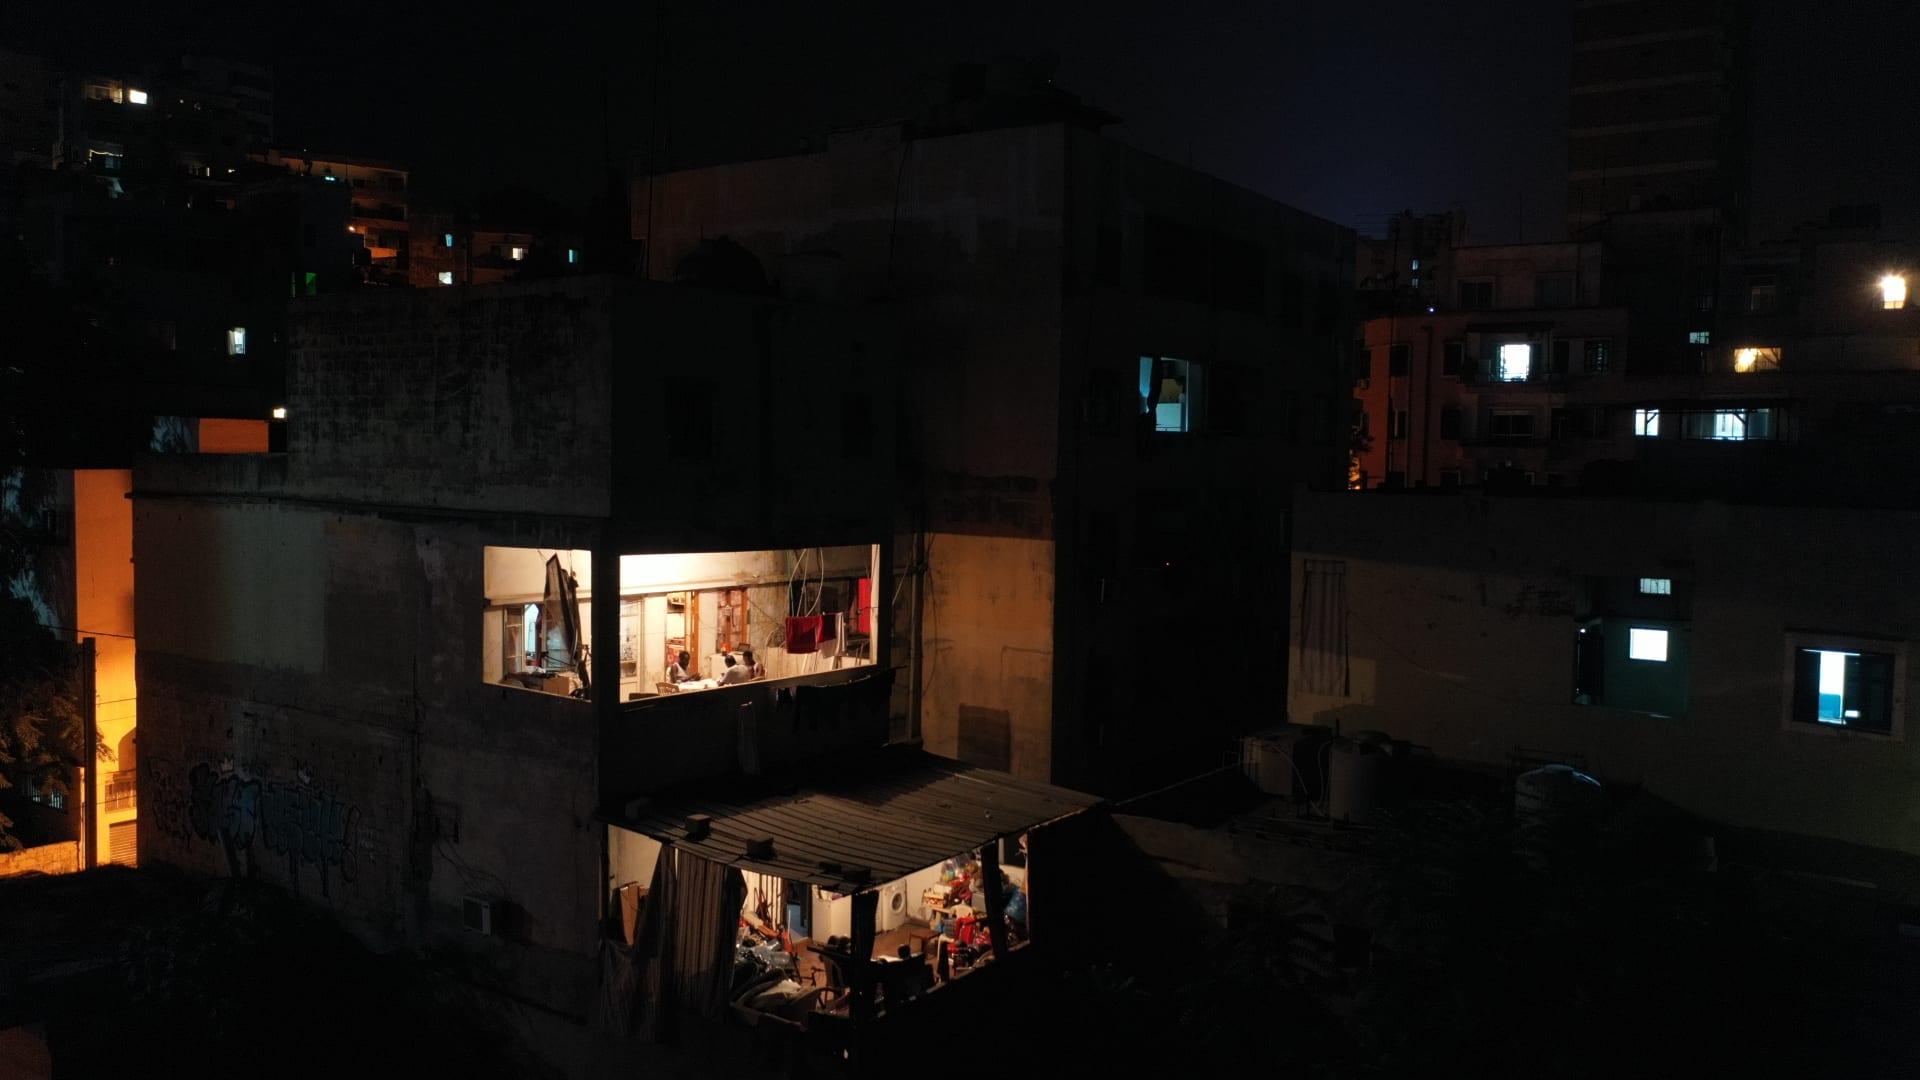 شقة واحدة مضاءة في برج سكني أثناء انقطاع الكهرباء، في 2 أغسطس 2021 في بيروت، لبنان.